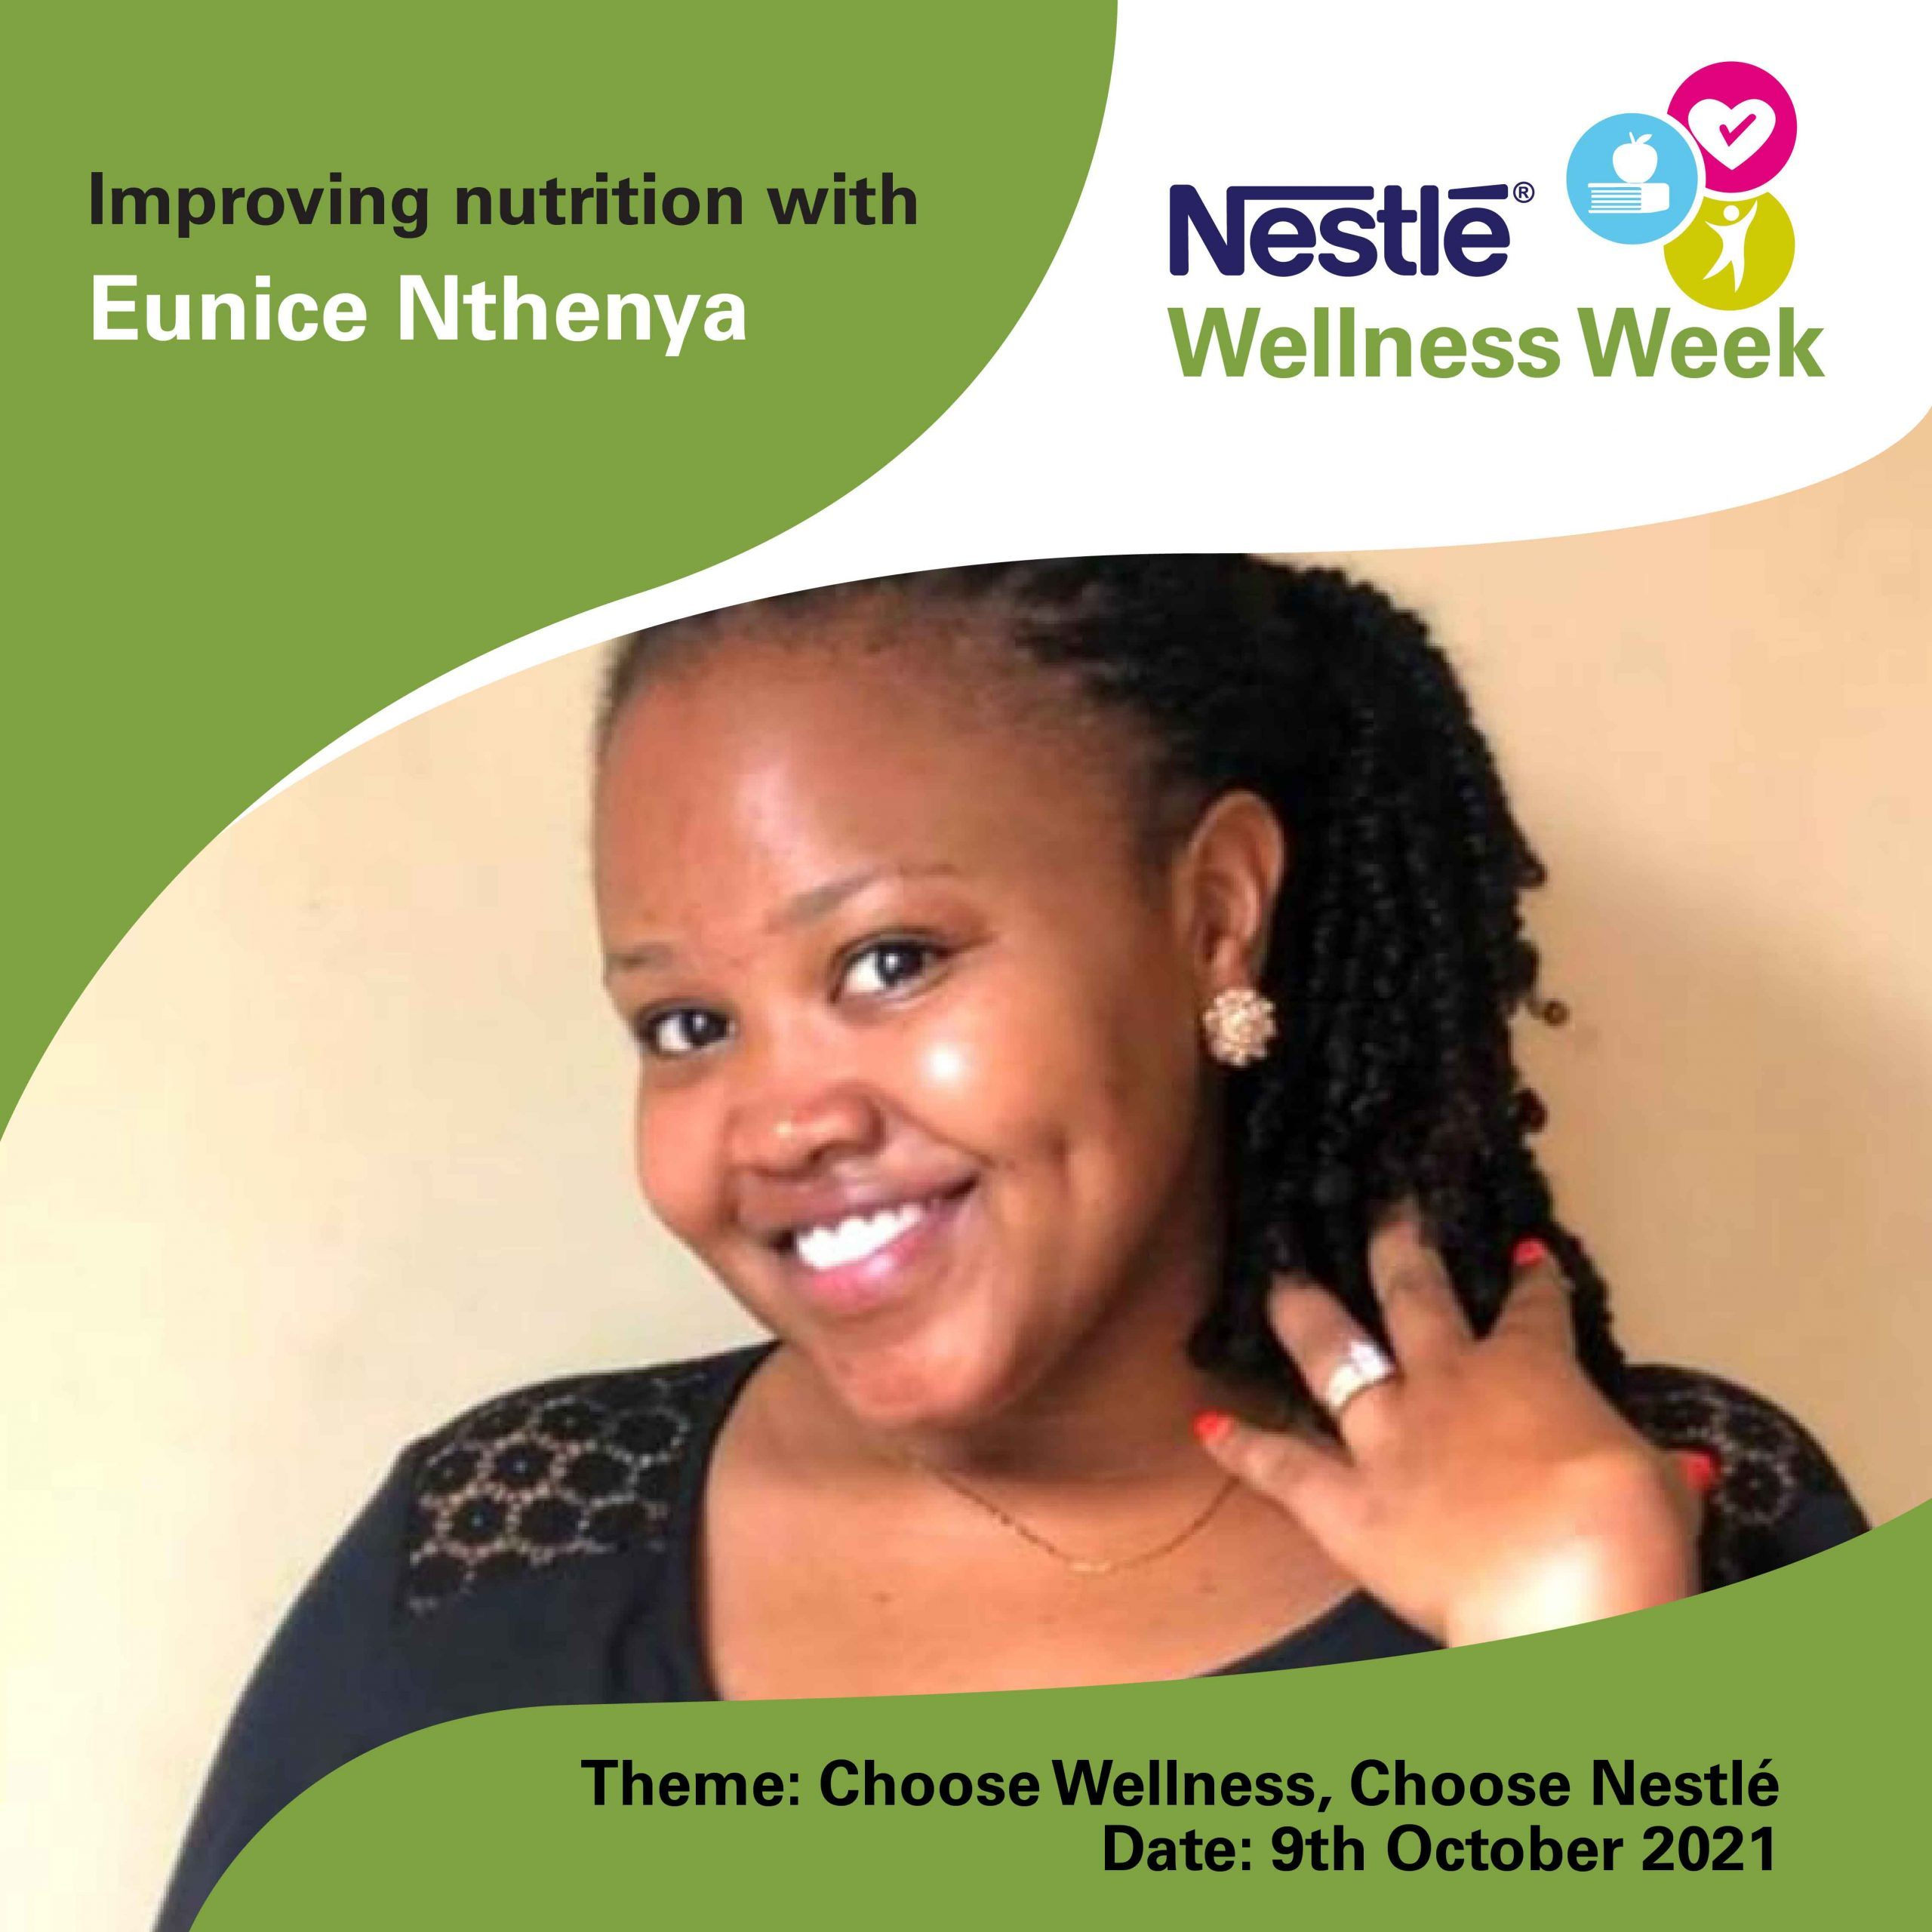 Eunice Nthenya - Nestlé Wellness Week